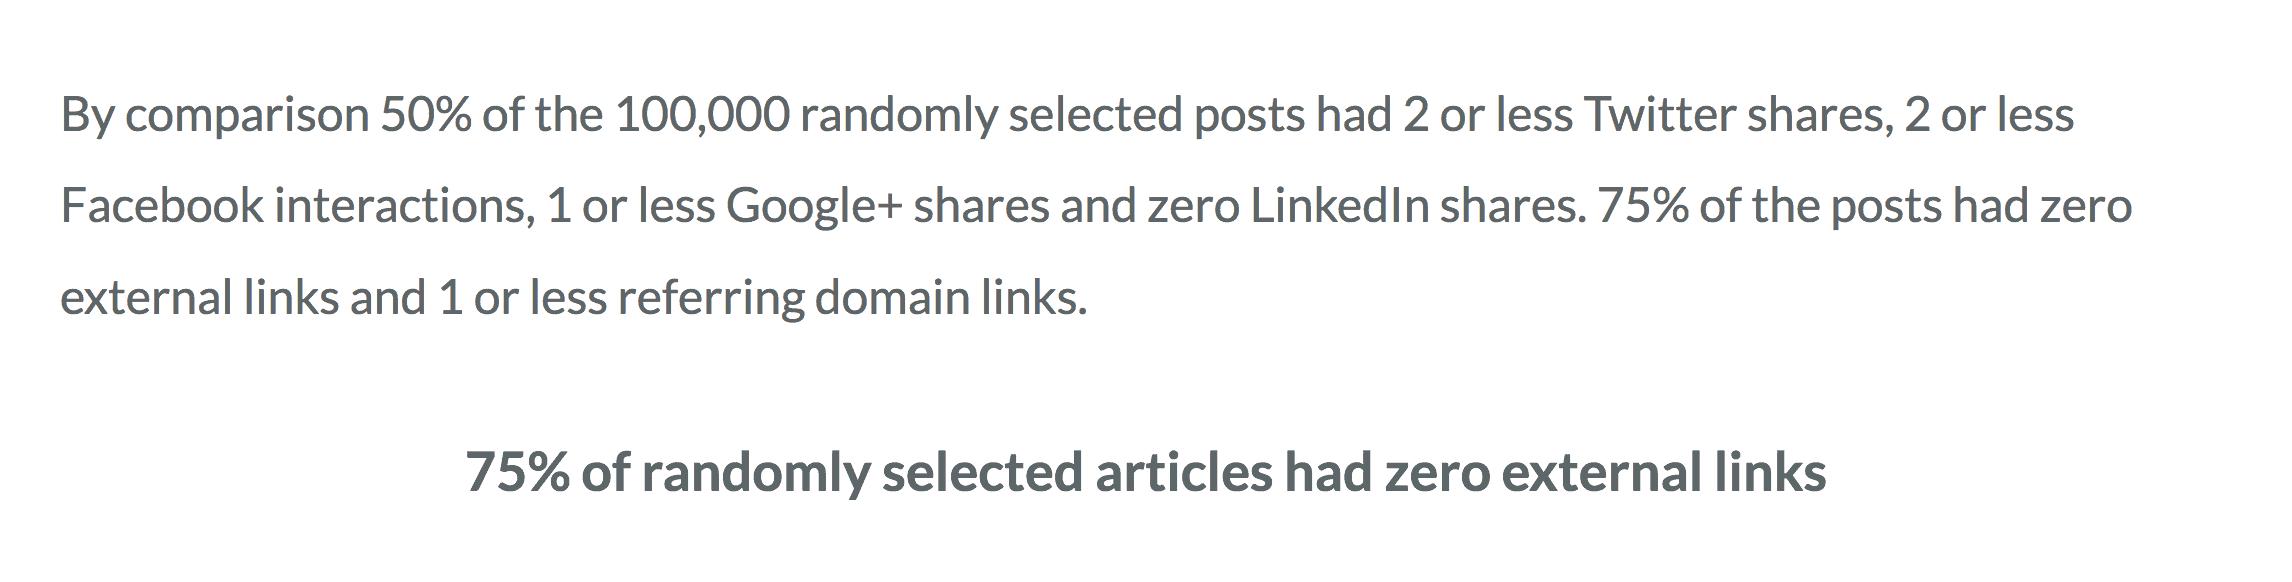 Moz BuzzSumo article detail